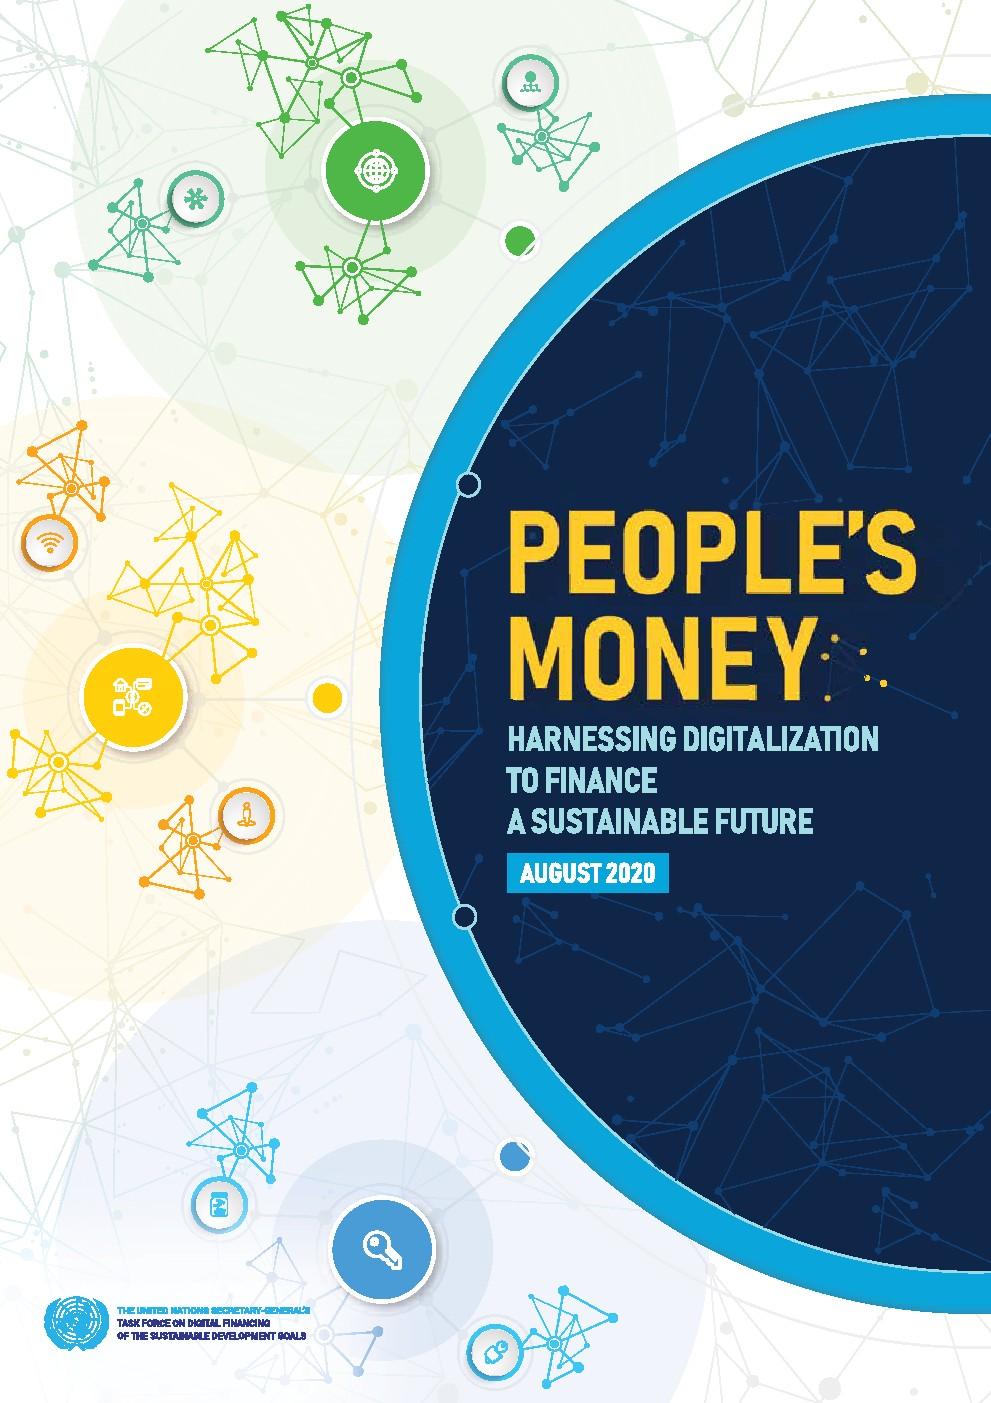 民众的钱:利用数字化投资可持续的未来